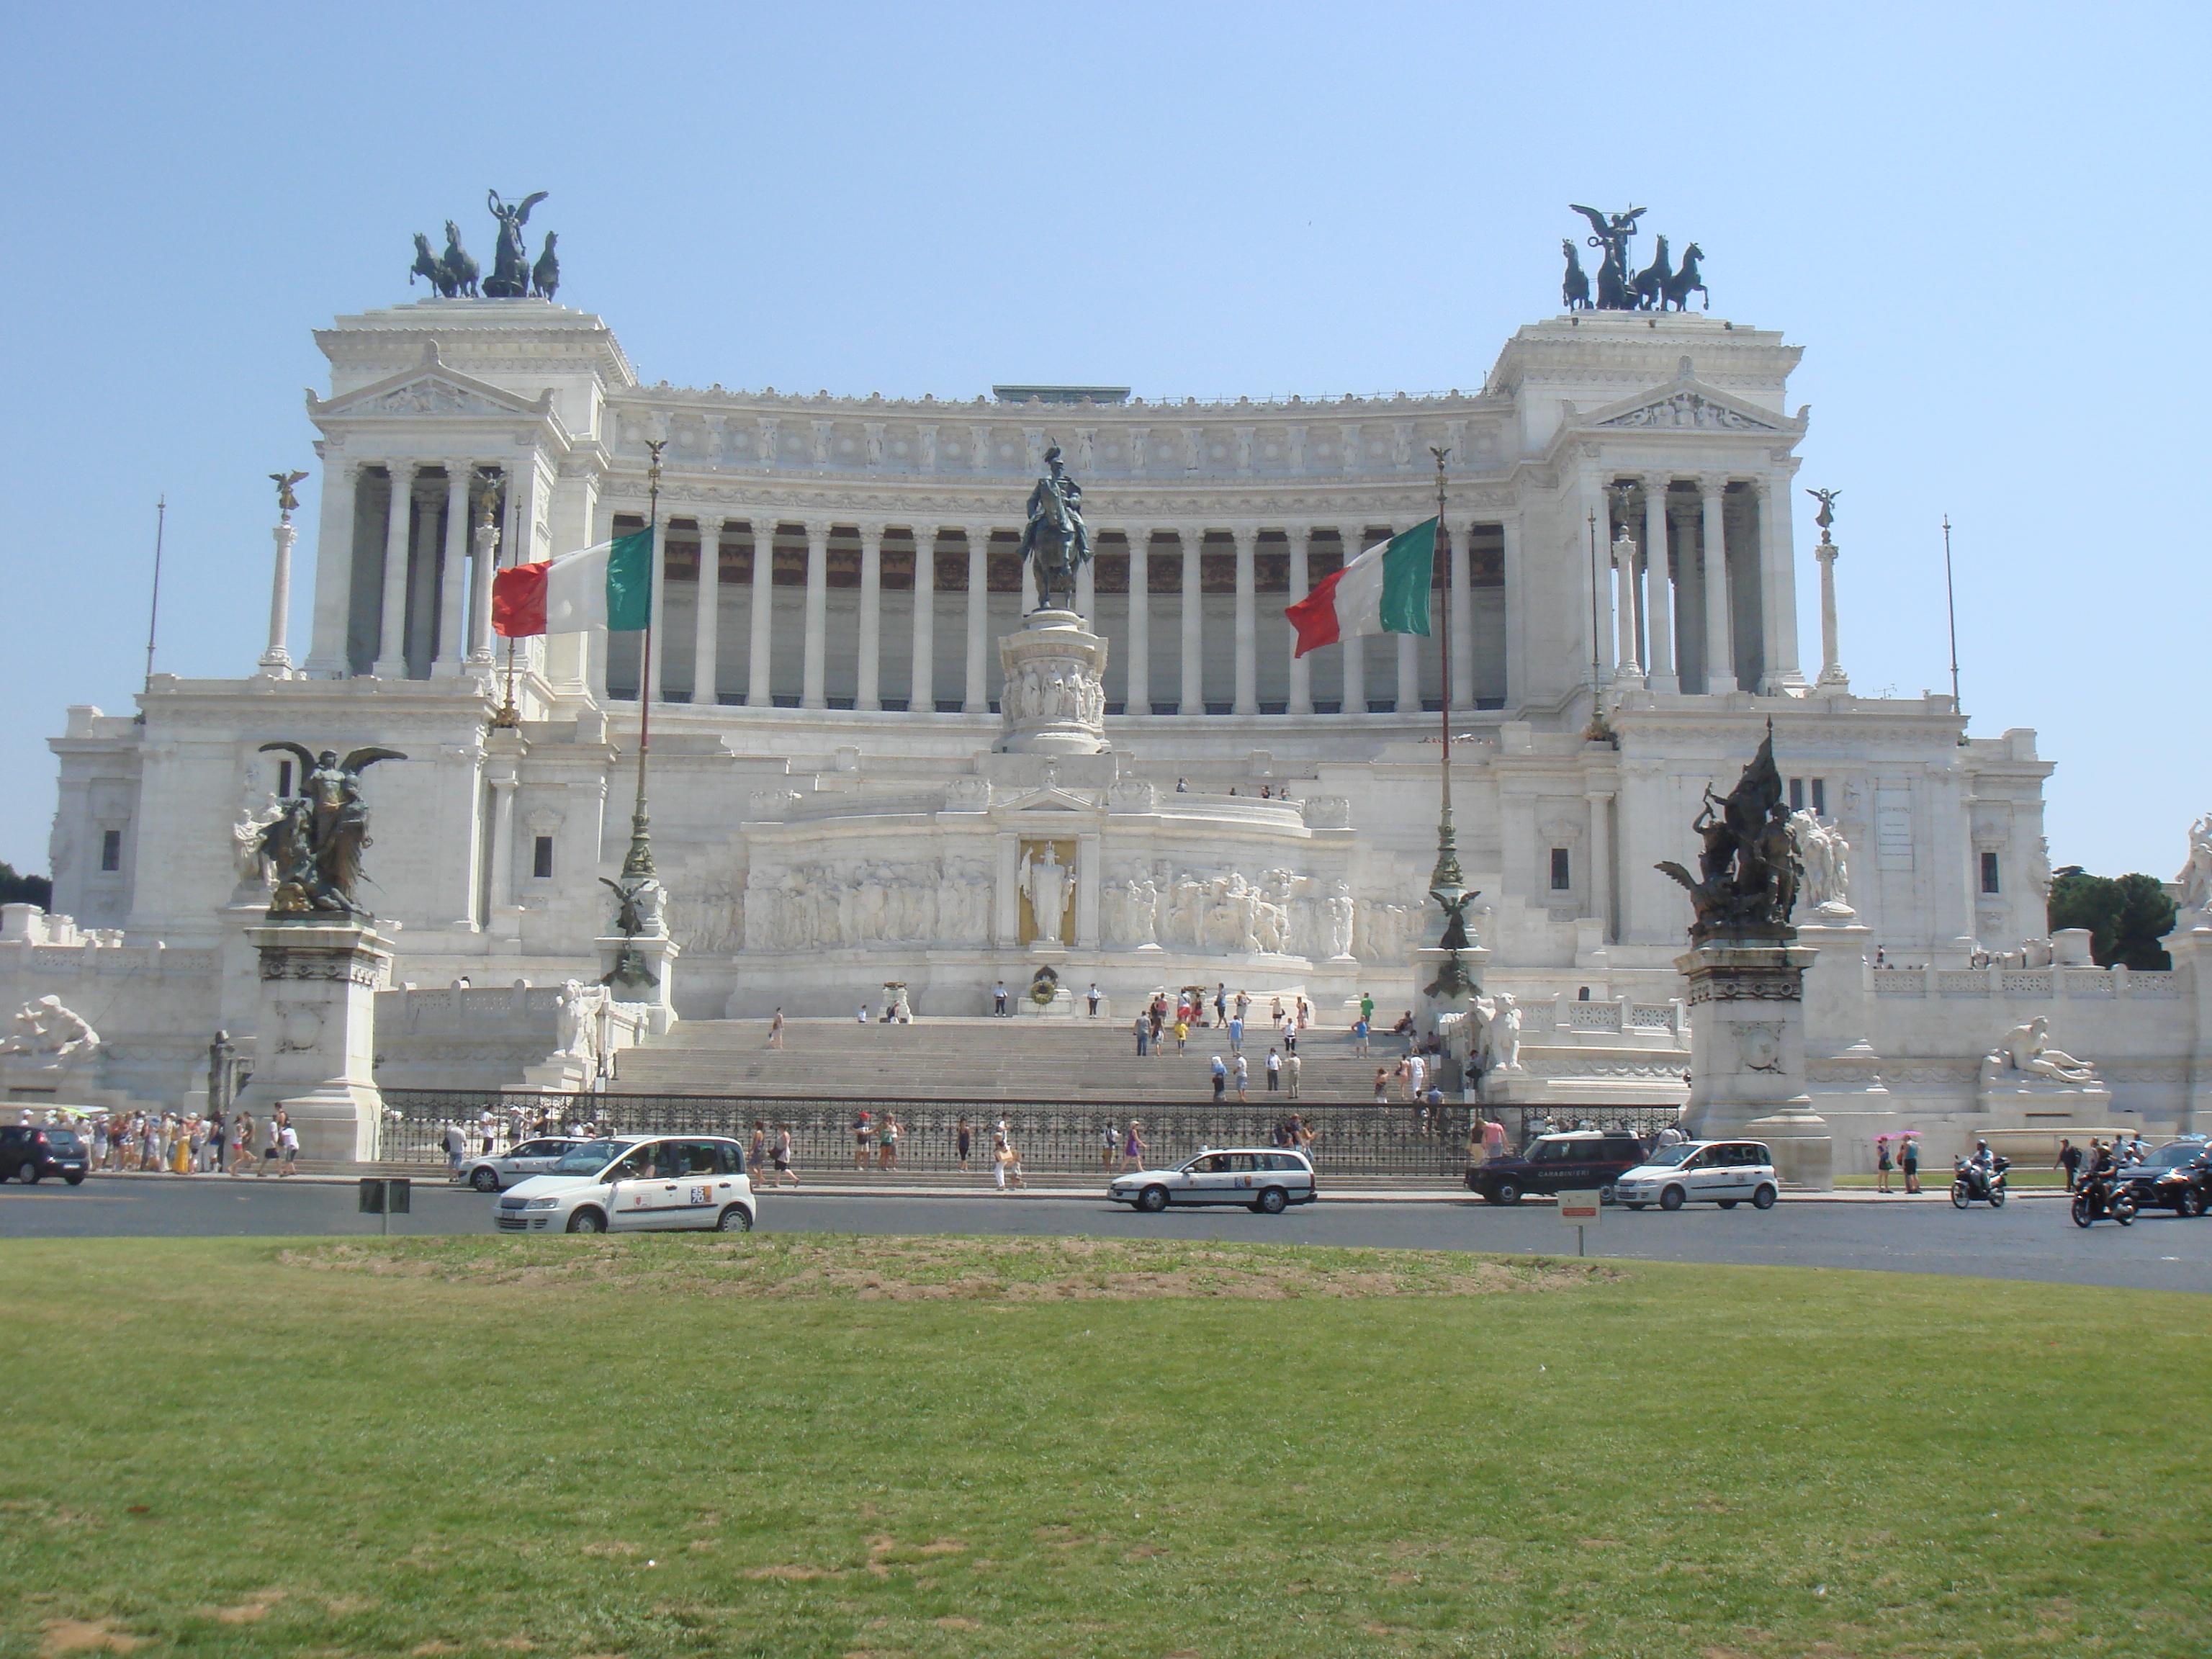 这座白色大理石建造的新古典主义建筑如今已经是罗马